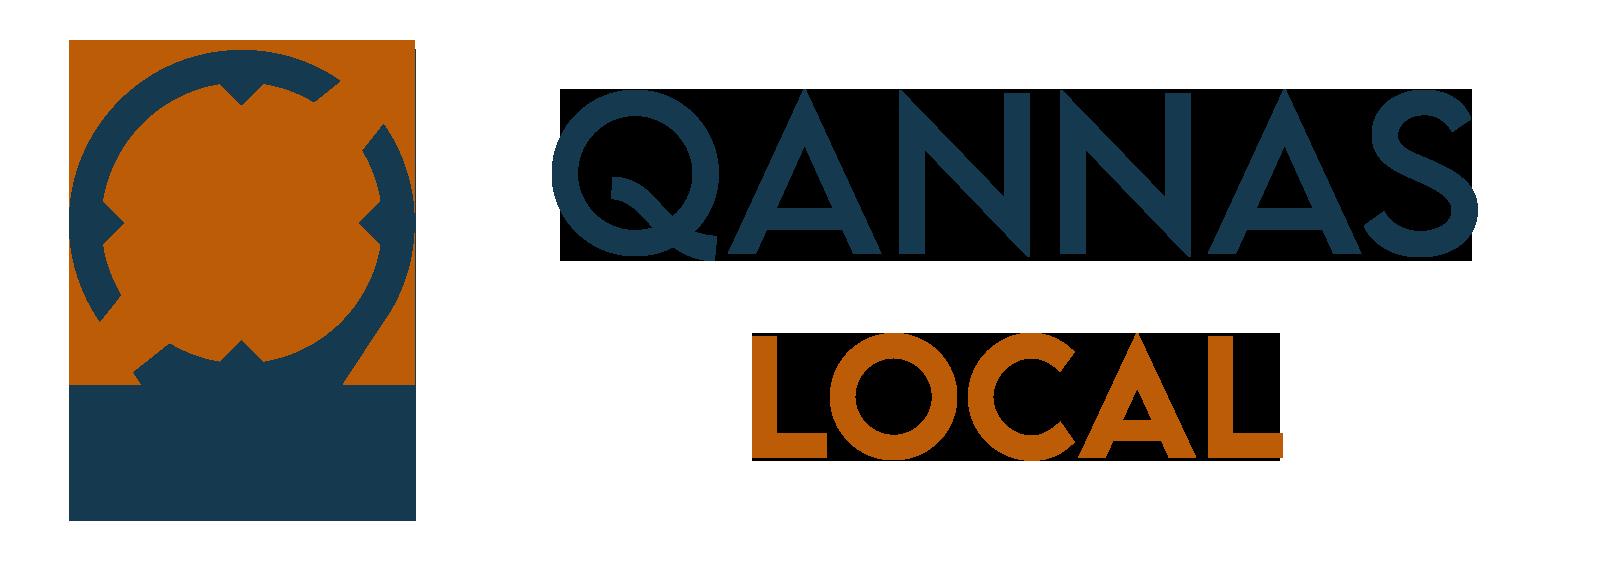 Qannas Local